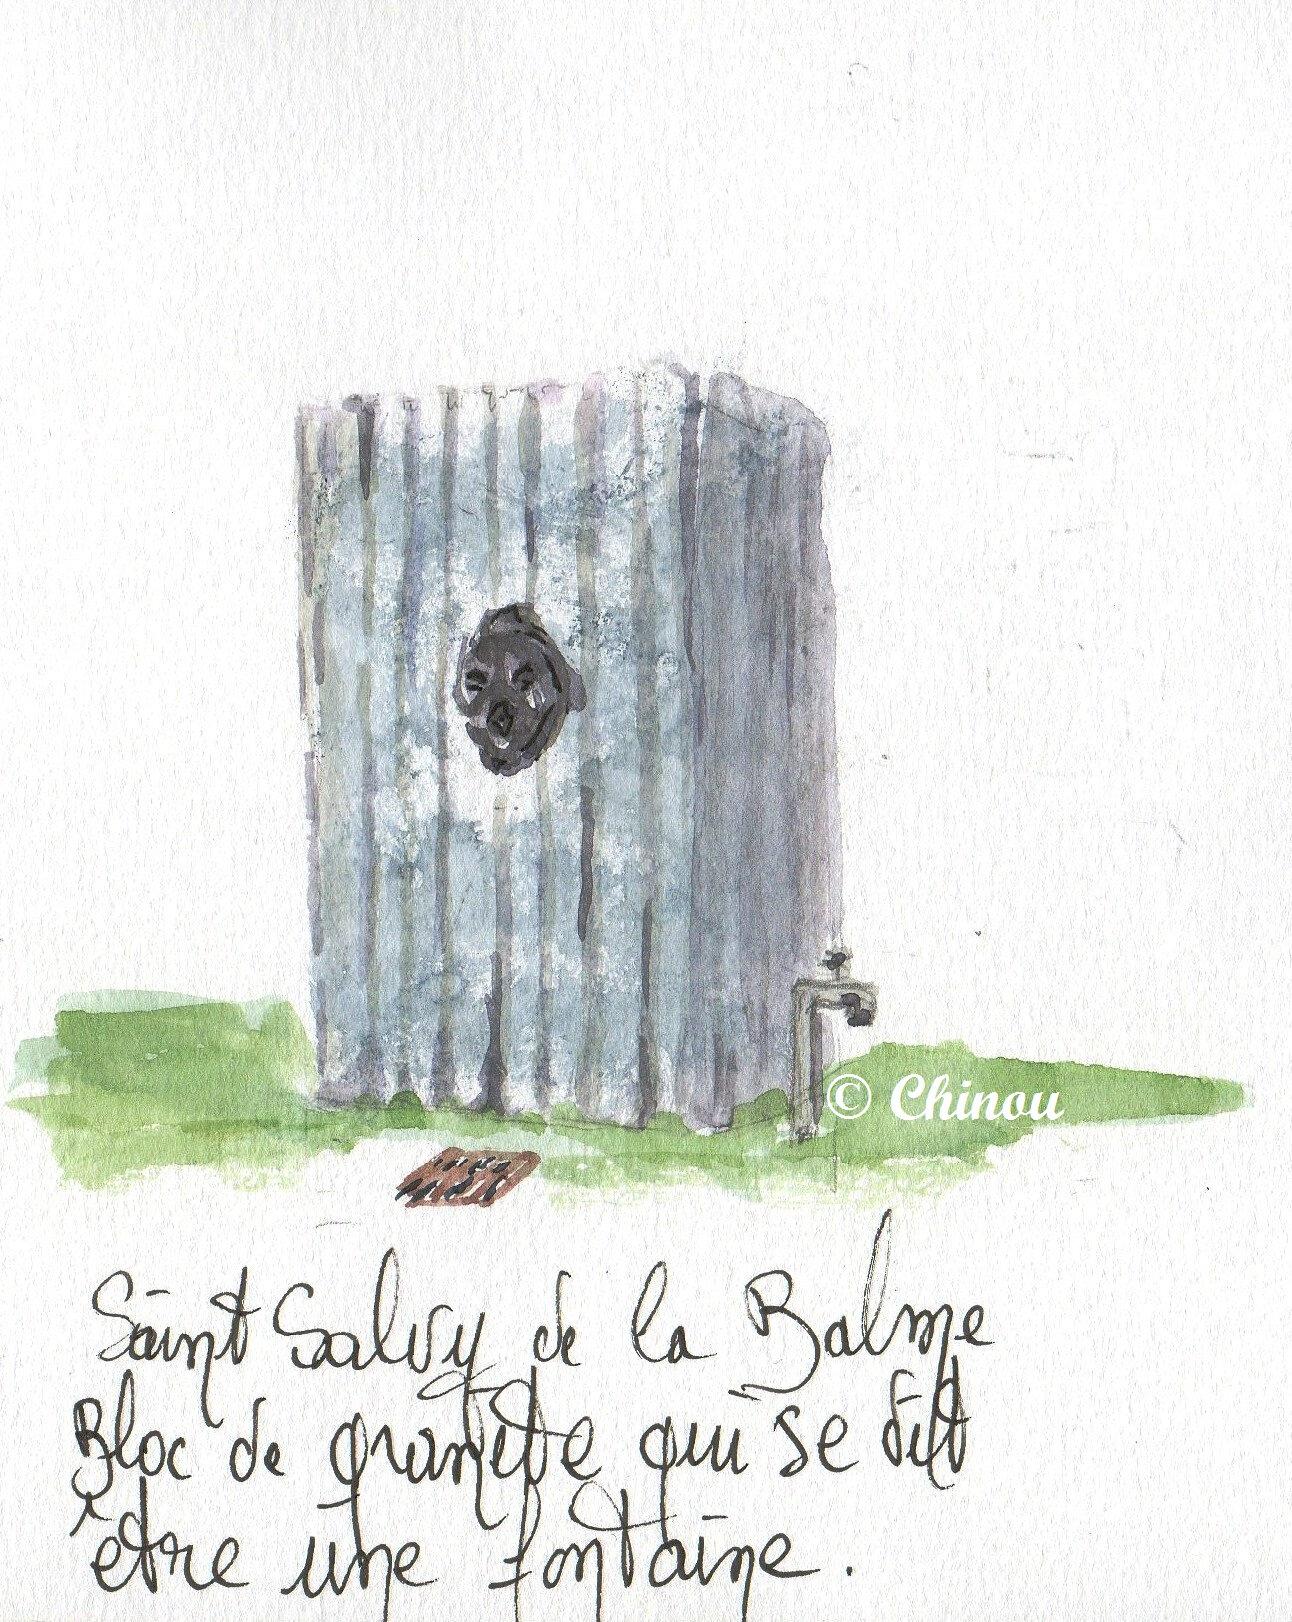 Saint Salvy de la Balme